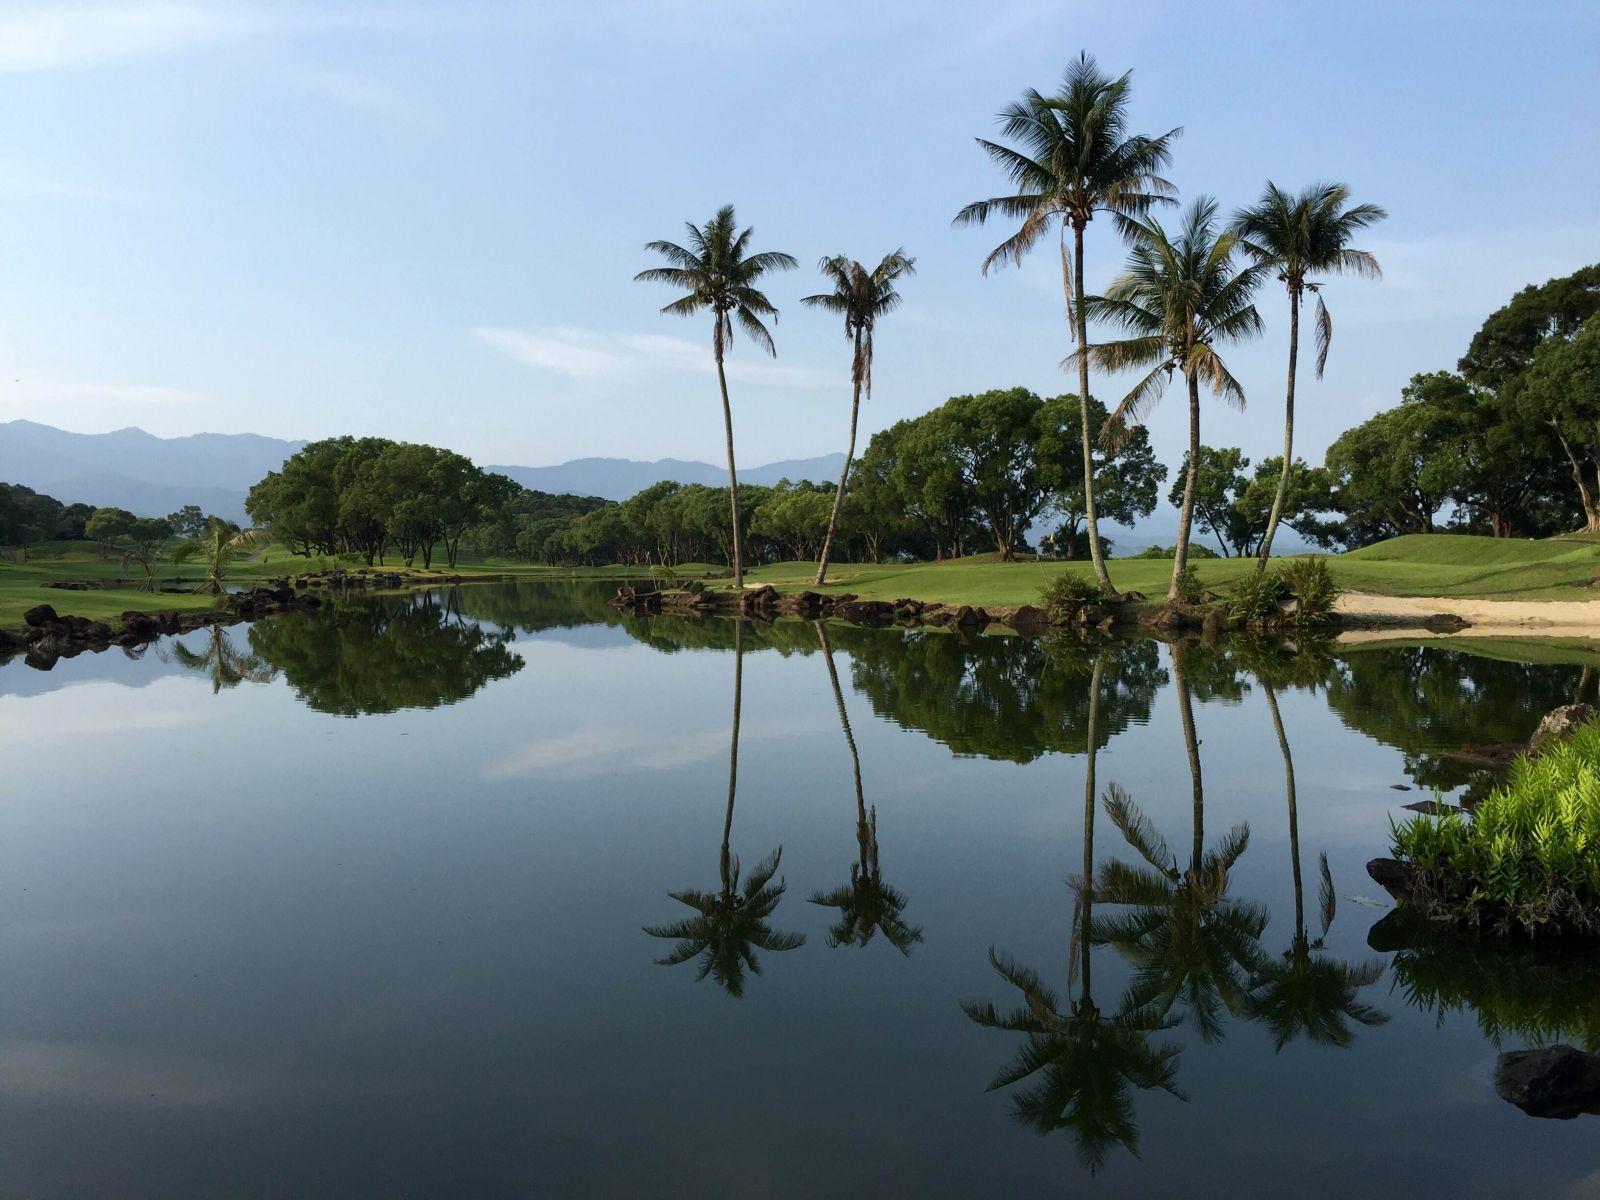 今年夏天,棕櫚的棕衣可以製造繩索,帶著全家到棕梠湖Fun暑假 - 高爾夫旅遊 - GolfDigest高爾夫文摘